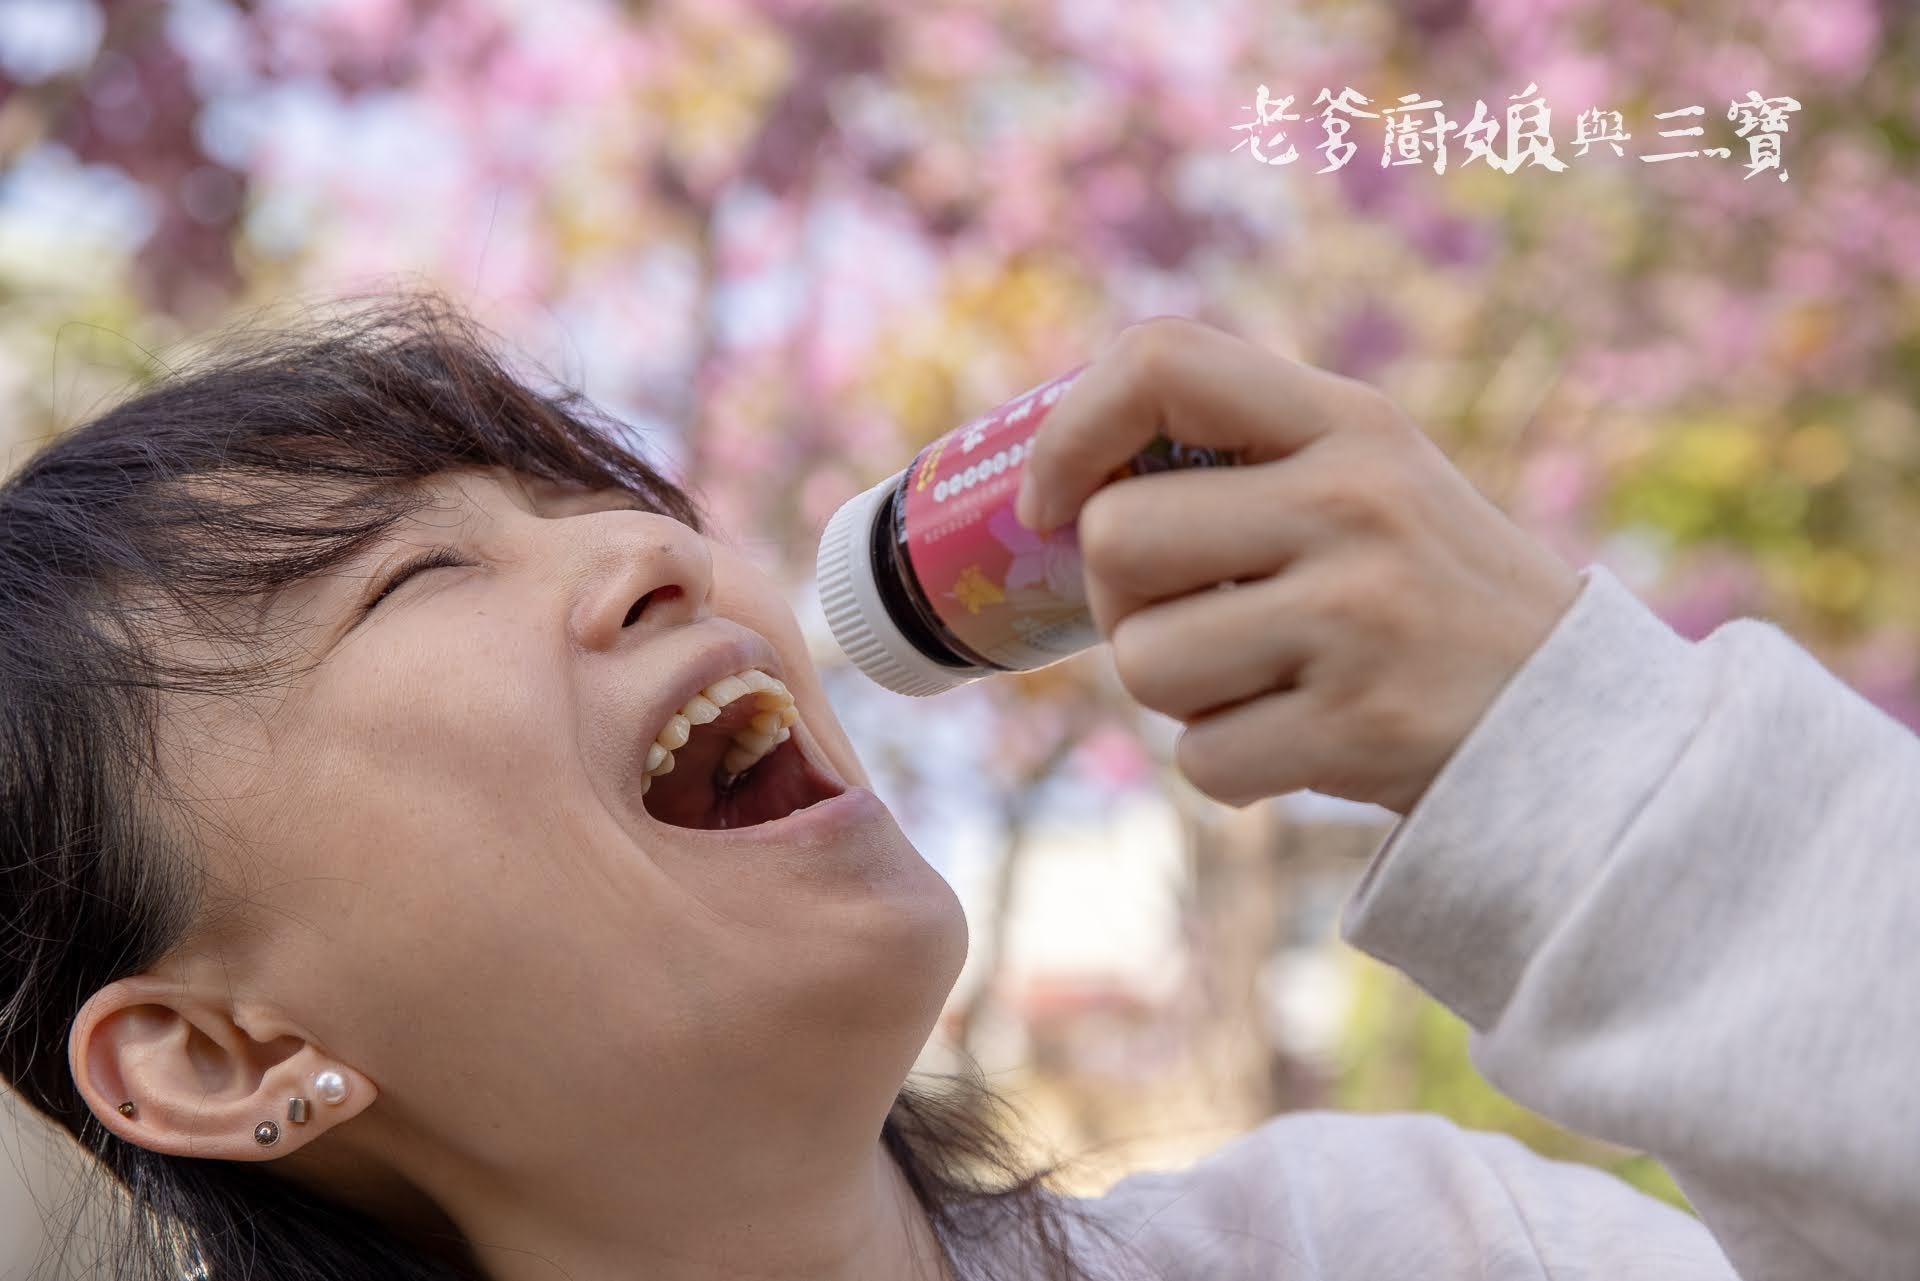 尋尋覓覓的蜂王漿原來就在嘟嘟家……嘟嘟家蜂蜜|台灣蜂王漿青春錠&蒲鹽花粉